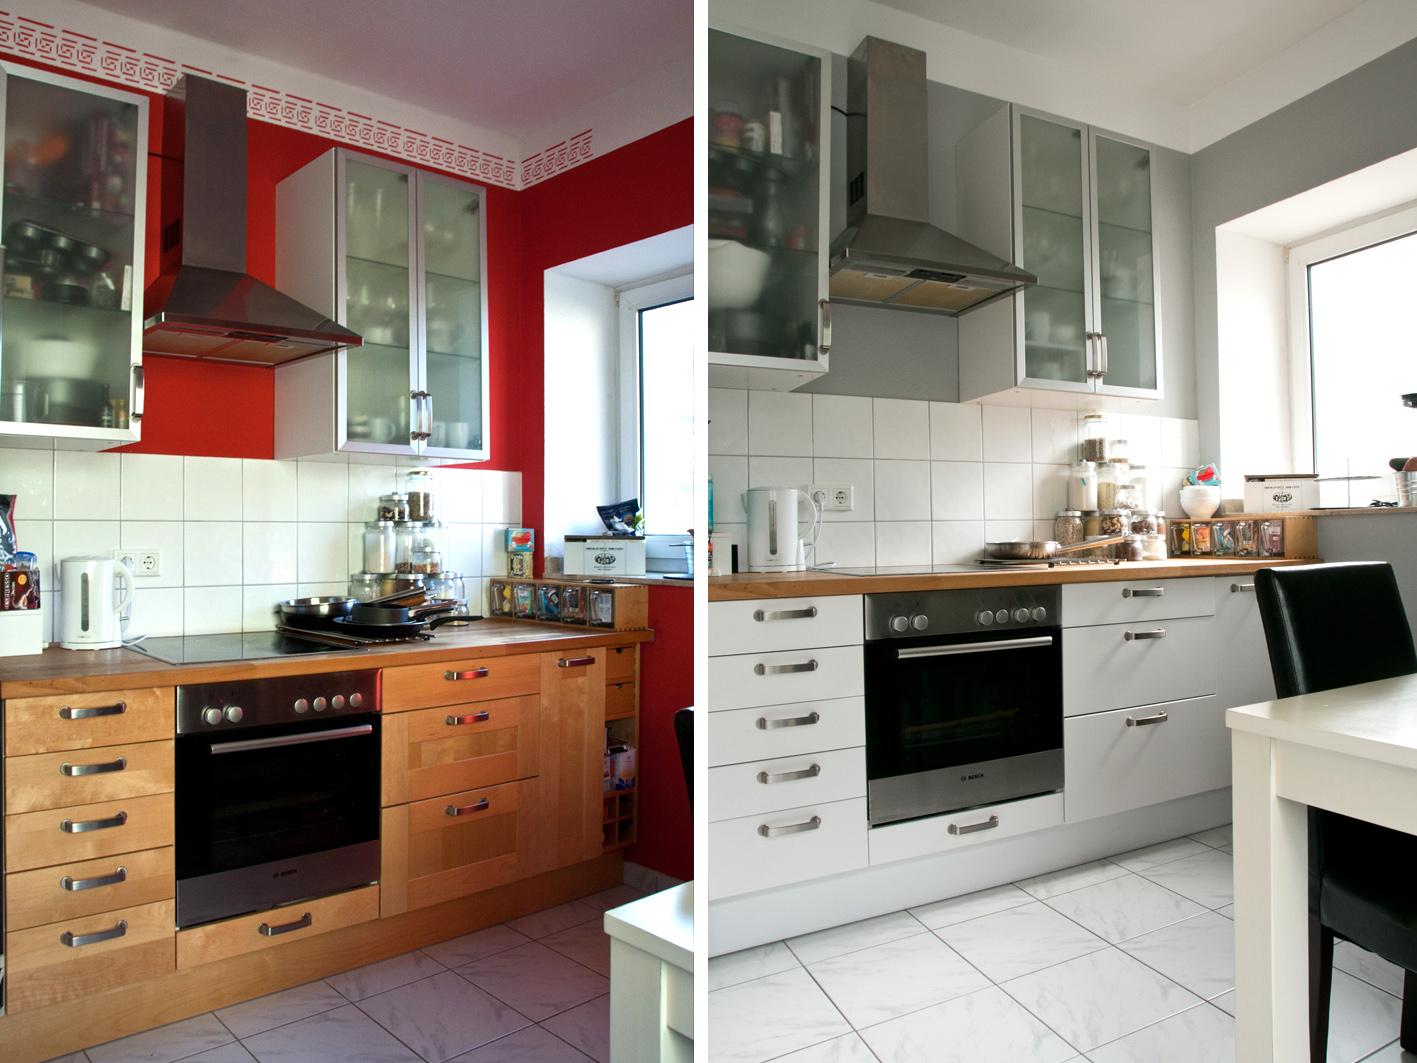 Full Size of Küchenschrank Ikea Faktum Kche Vorher Nachher Und Kokos Donuts Betten 160x200 Bei Küche Kosten Kaufen Miniküche Sofa Mit Schlaffunktion Modulküche Wohnzimmer Küchenschrank Ikea